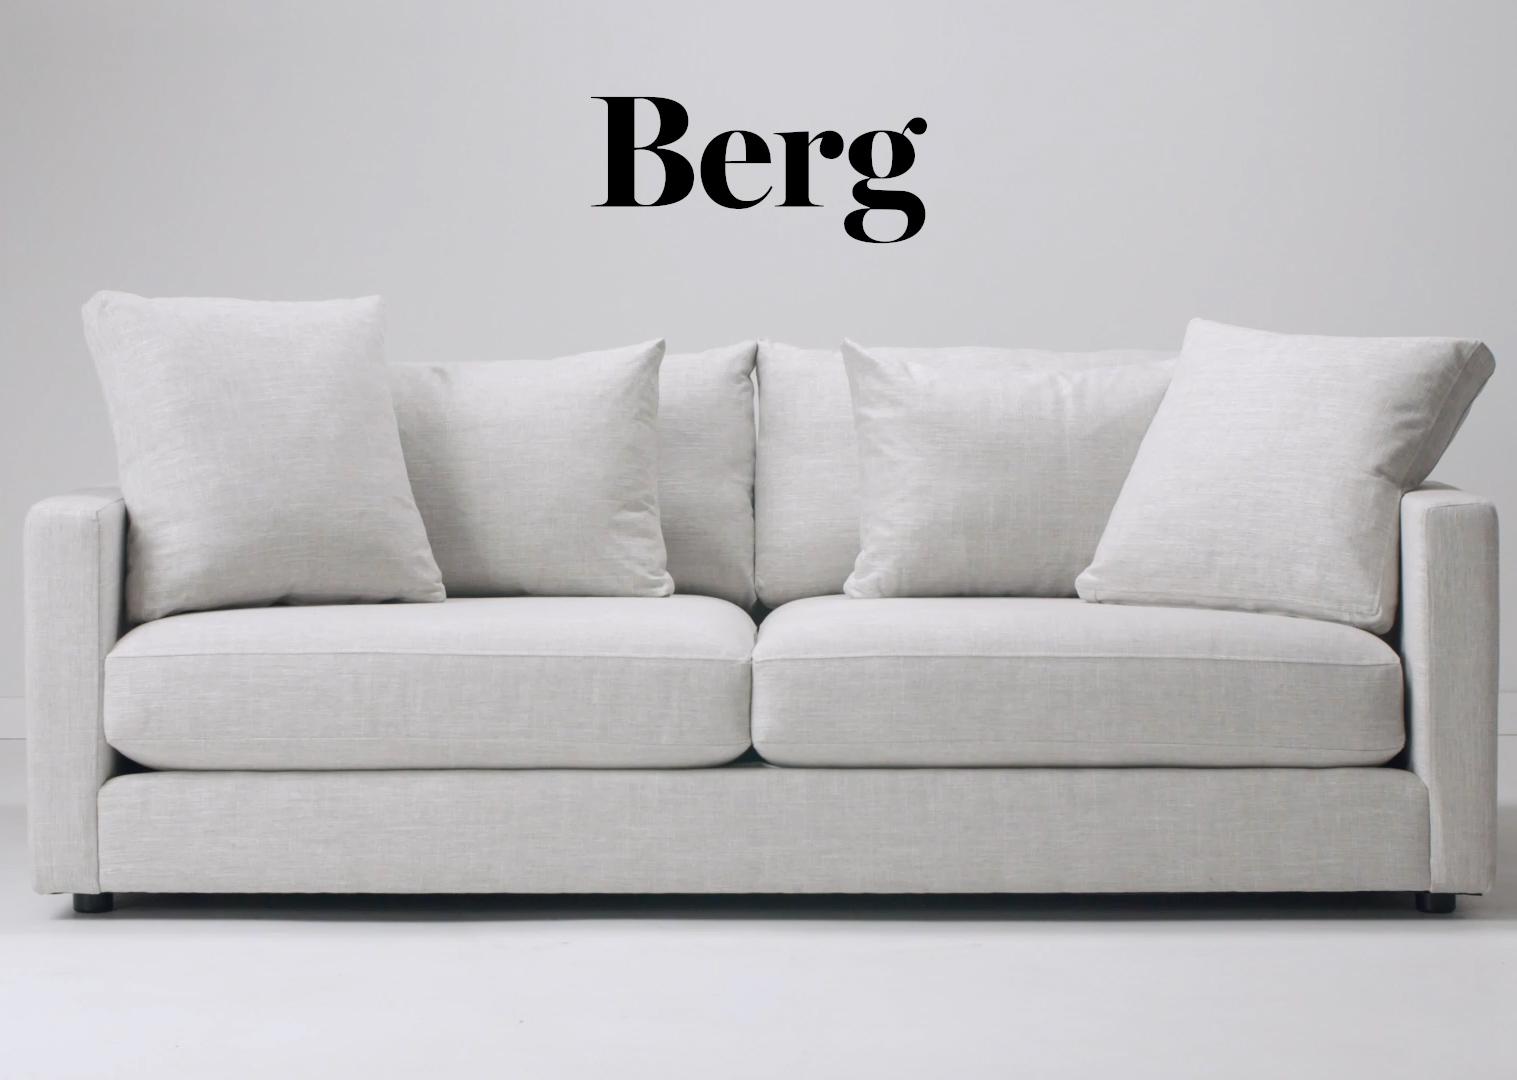 Berg Sofa -Aiden Platinum